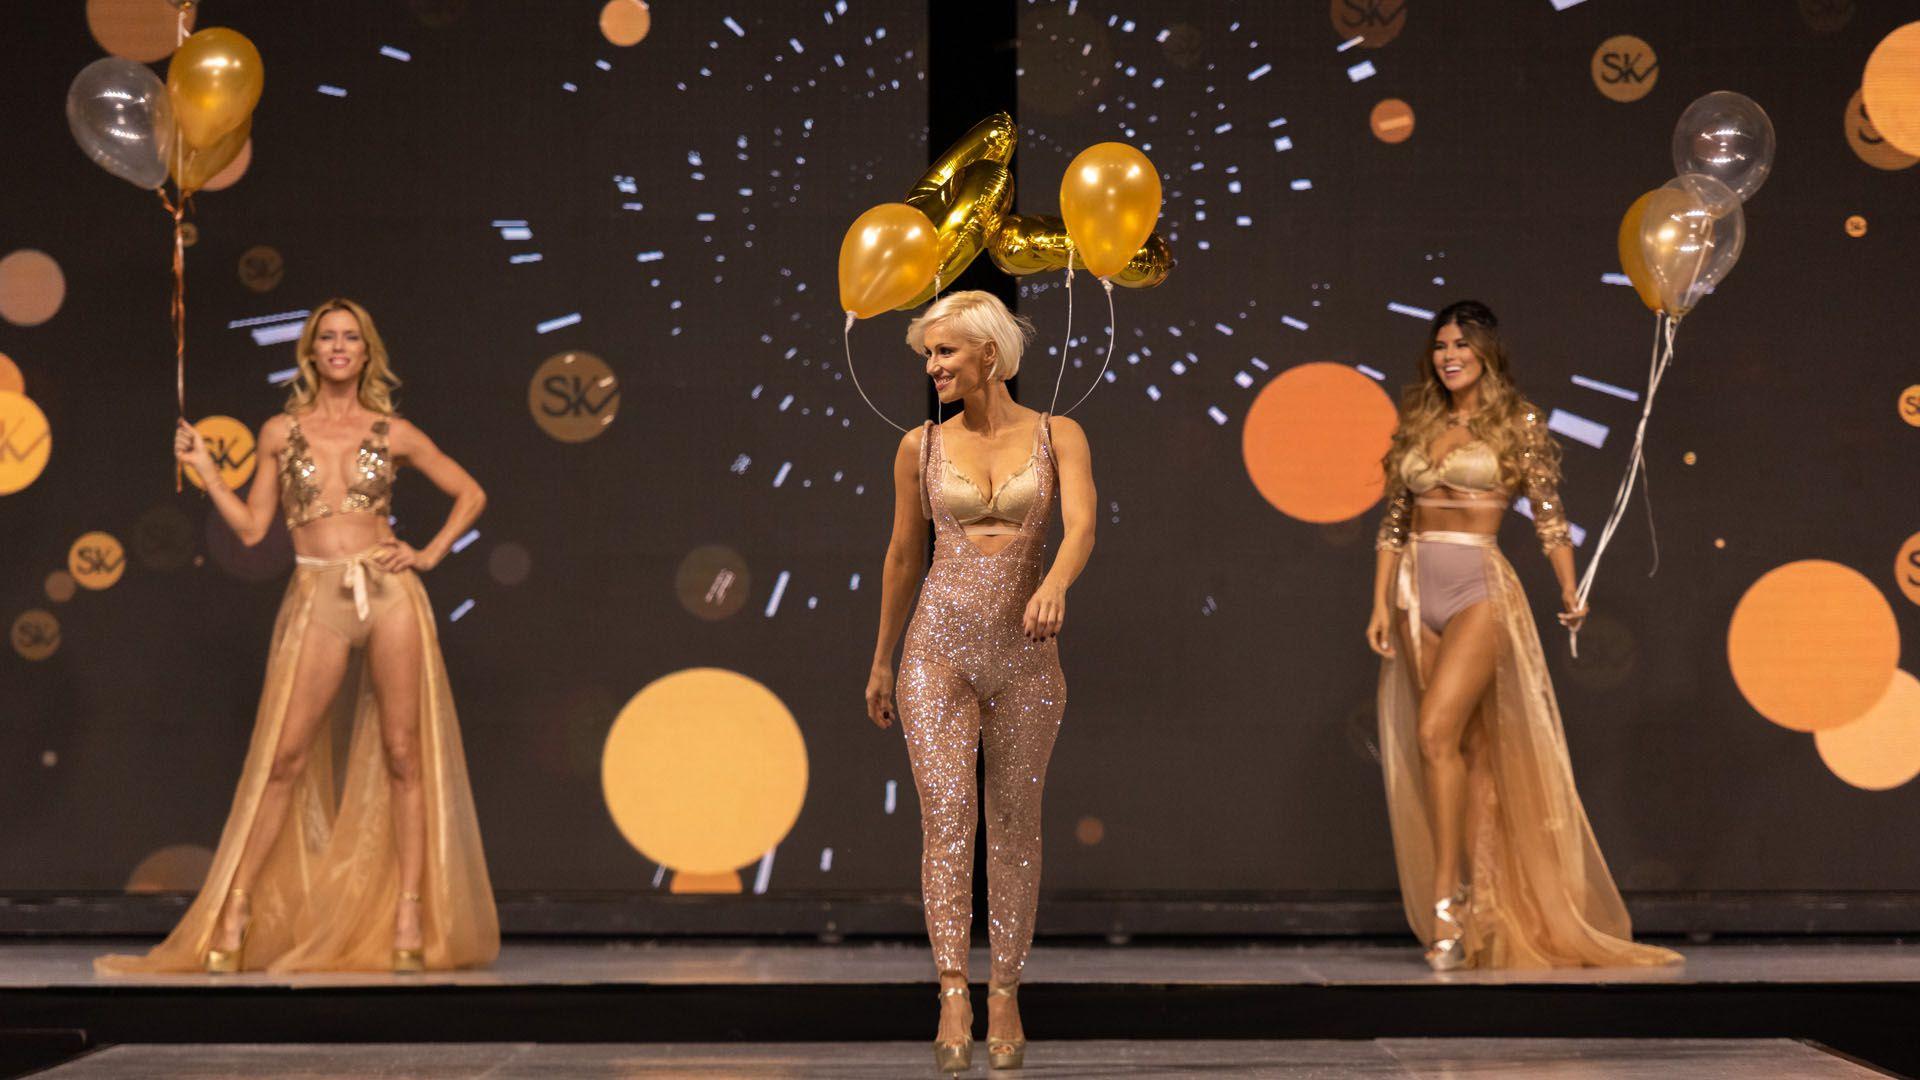 La increíble apertura del desfile Silkey Mundial Moda & Coiffure 2019. Una puesta que desbordó glamour y alta costura entreun abanico de top models como Ingrid Grudke, Nicole Neumann, Taína Laurino ySofía Zámolo